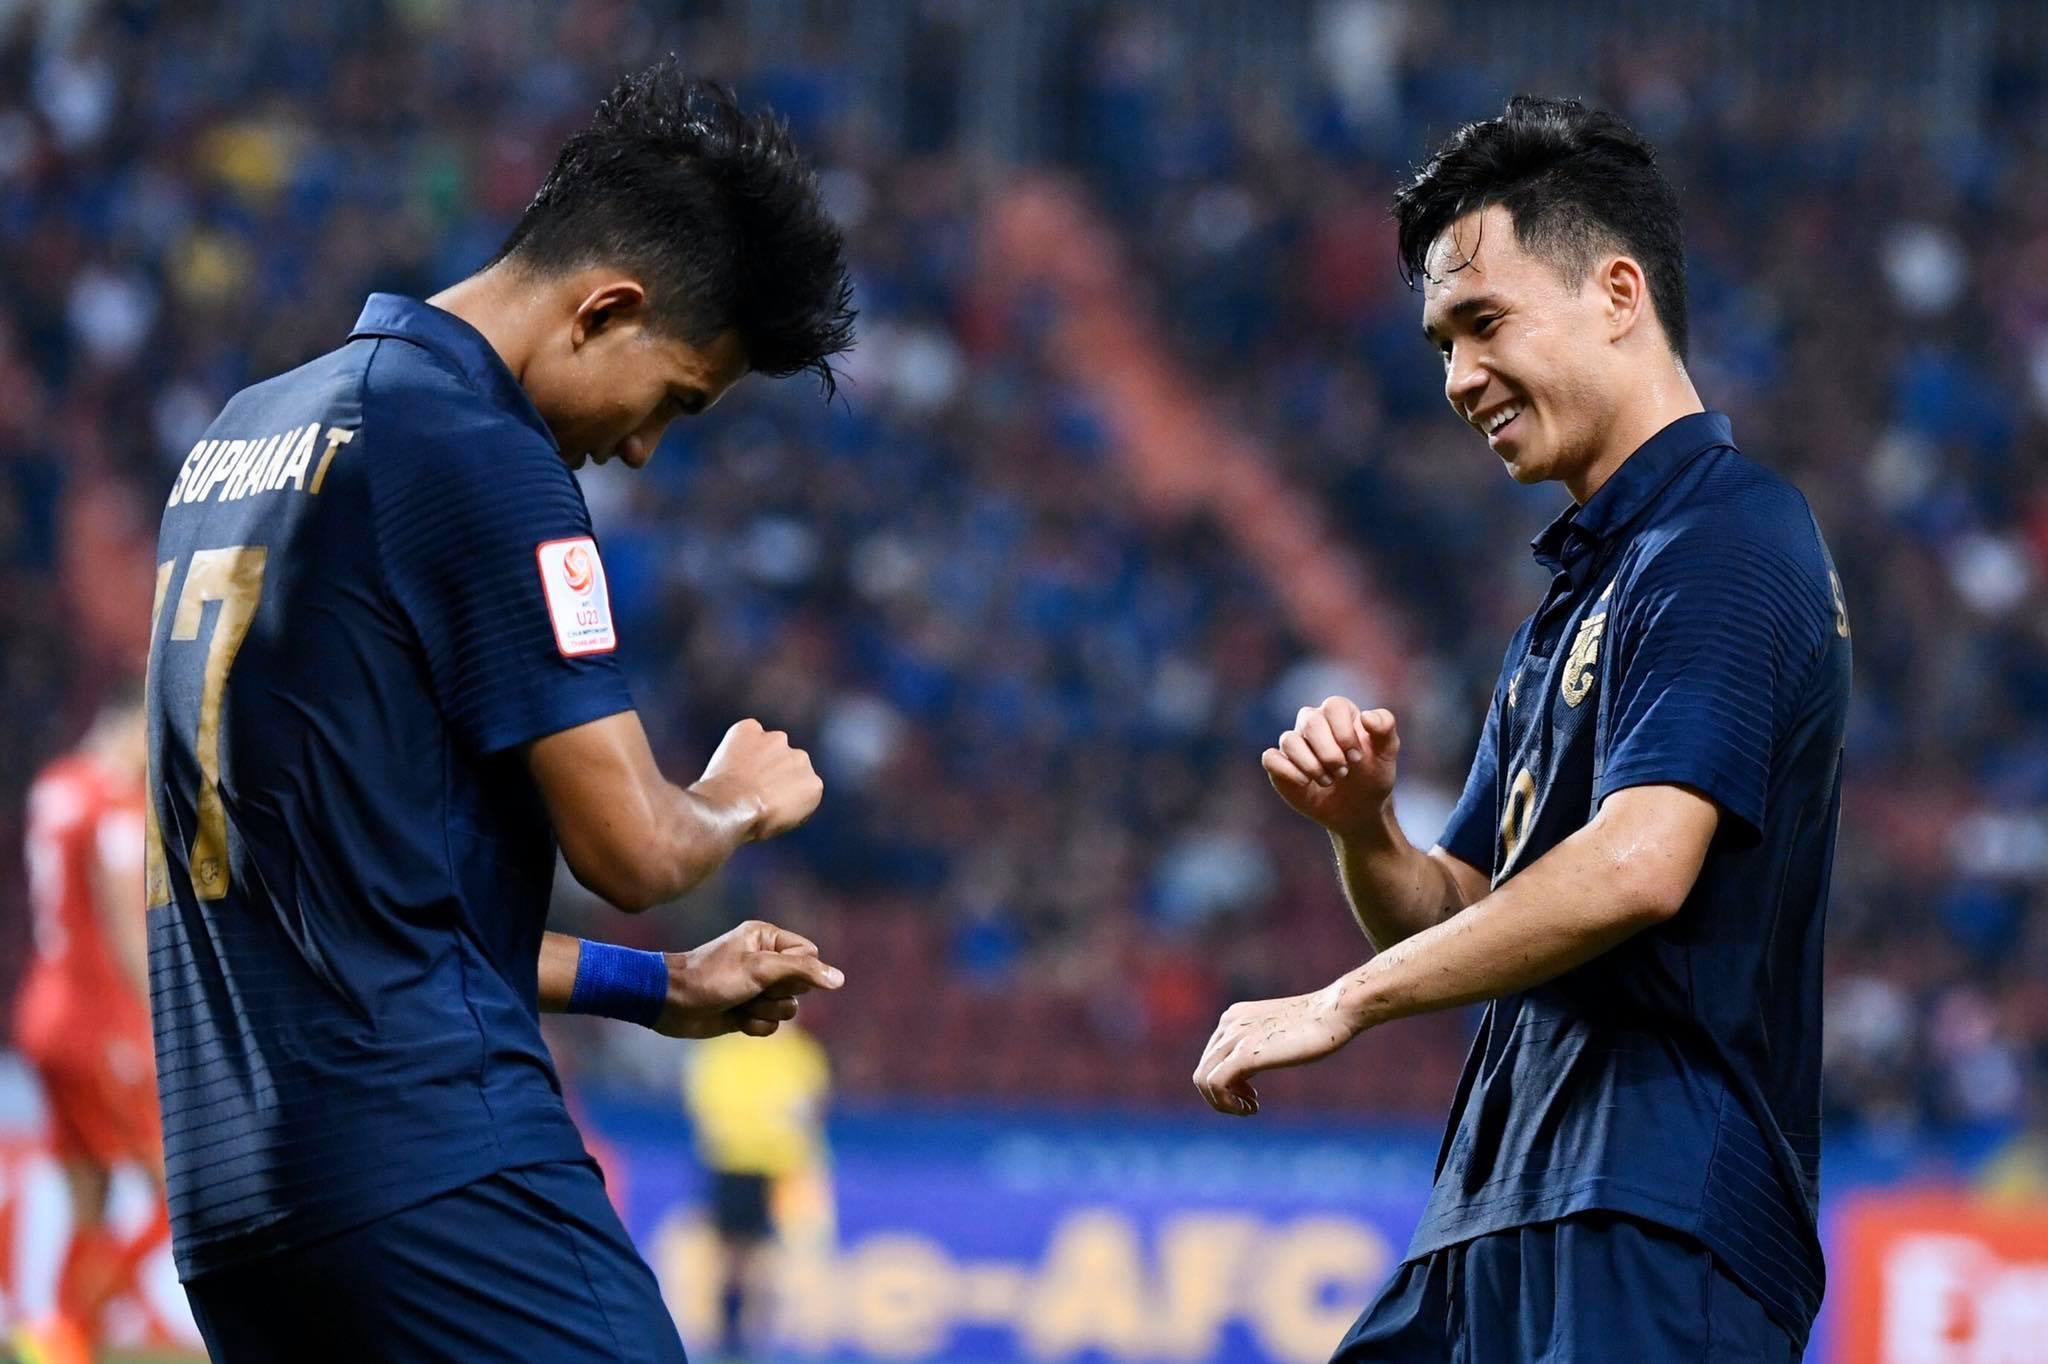 Nã tới 5 bàn vào lưới đối thủ, U23 Thái Lan tạm vươn lên đầu bảng A  2